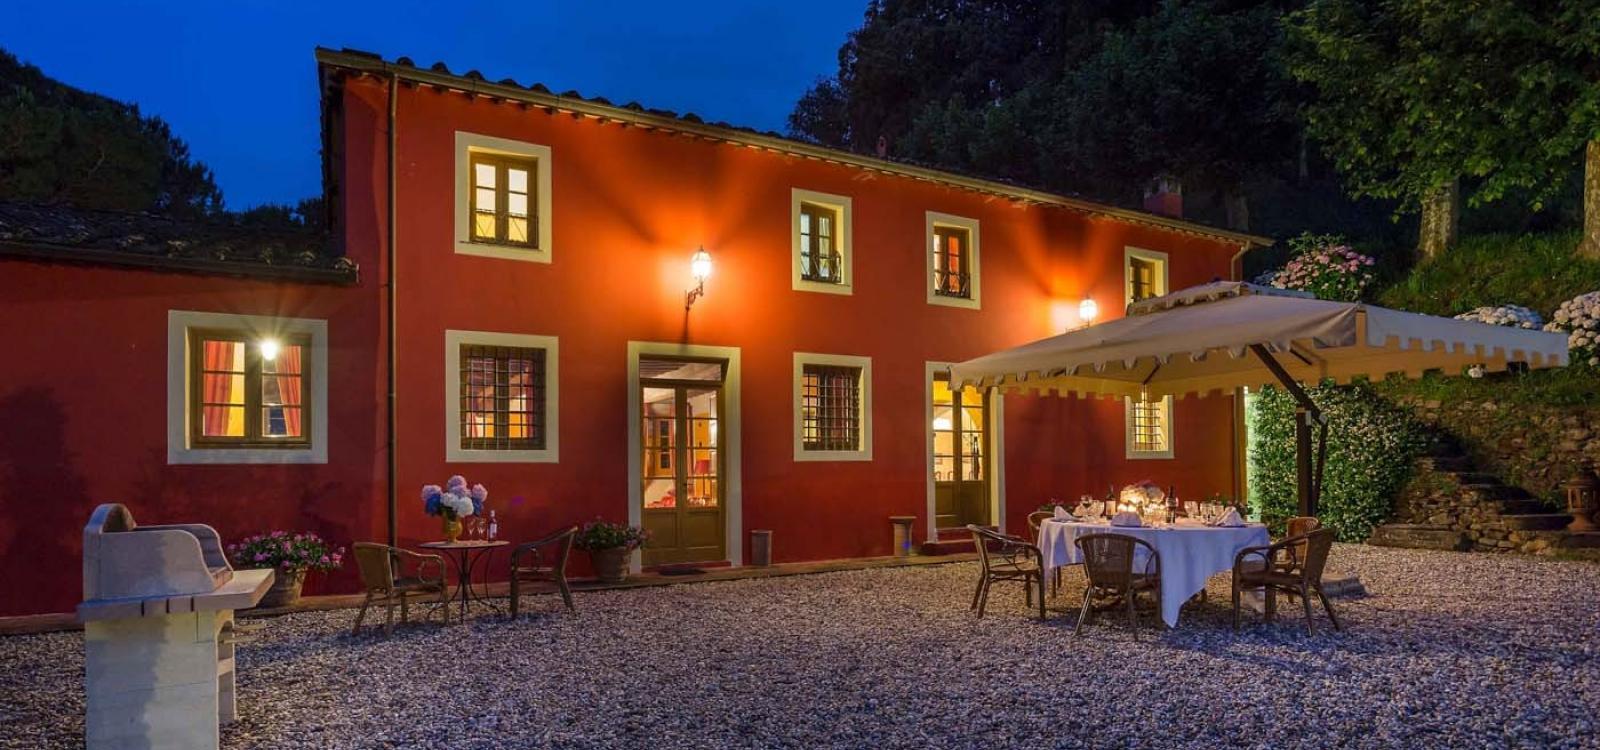 Casa Rossa